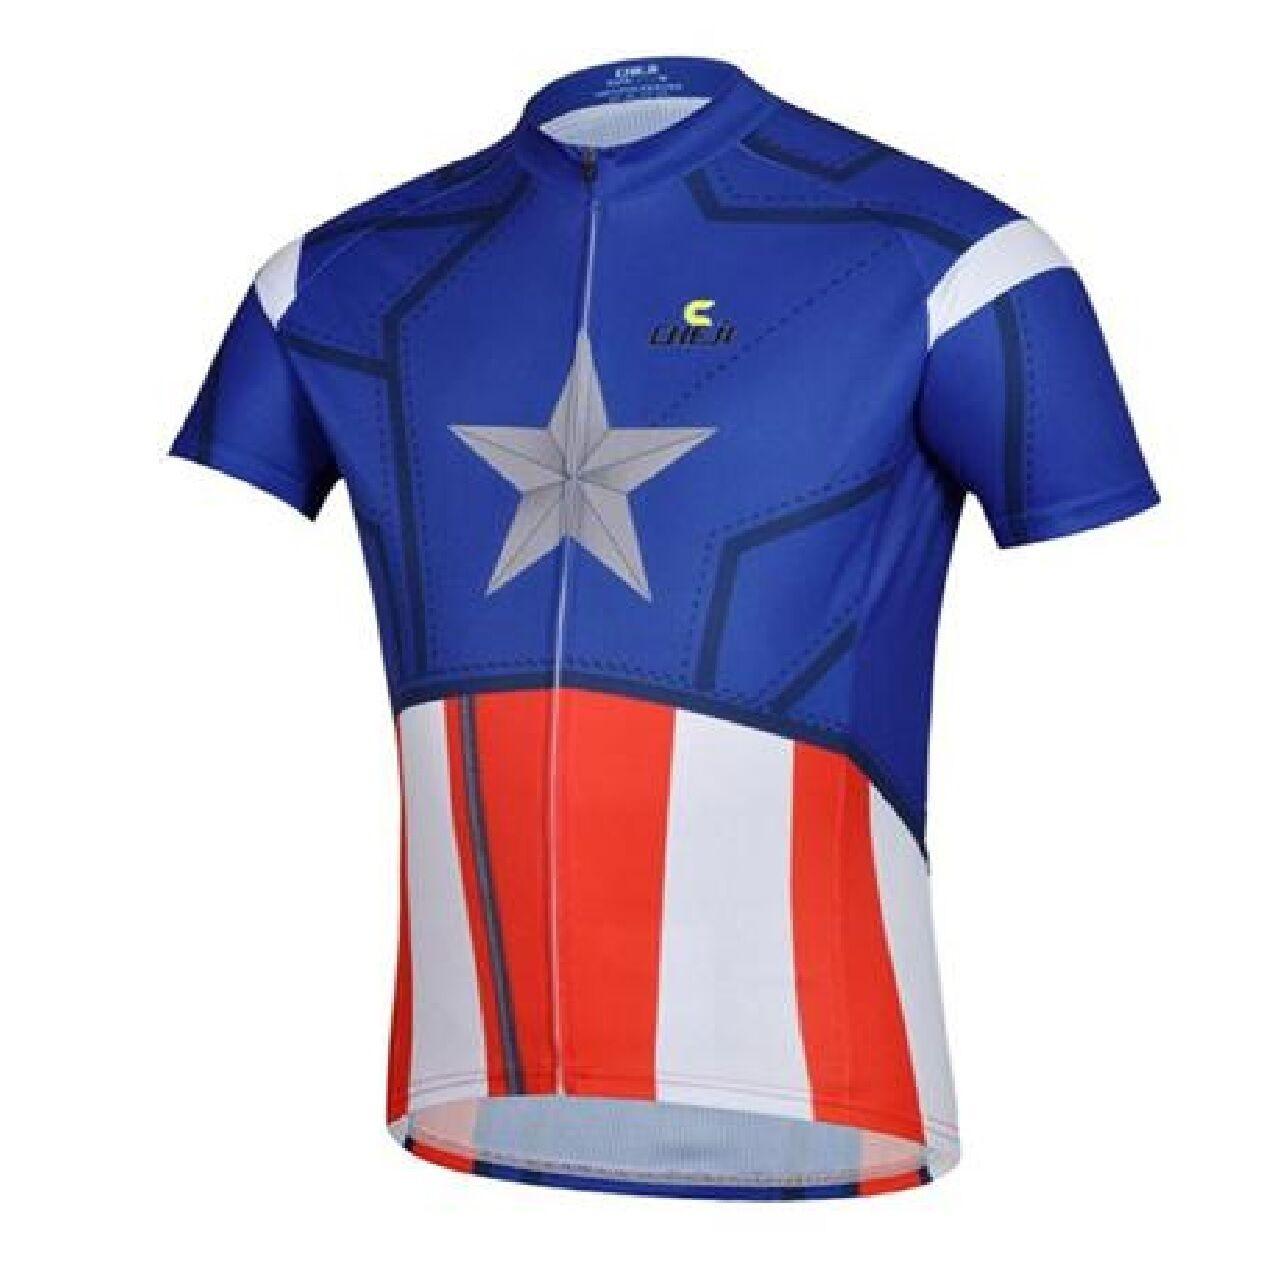 Cheji cierre completo mangas cortas Coolmax Ciclismo Camiseta Grandes Rojo  blancoo Azul  ordene ahora los precios más bajos